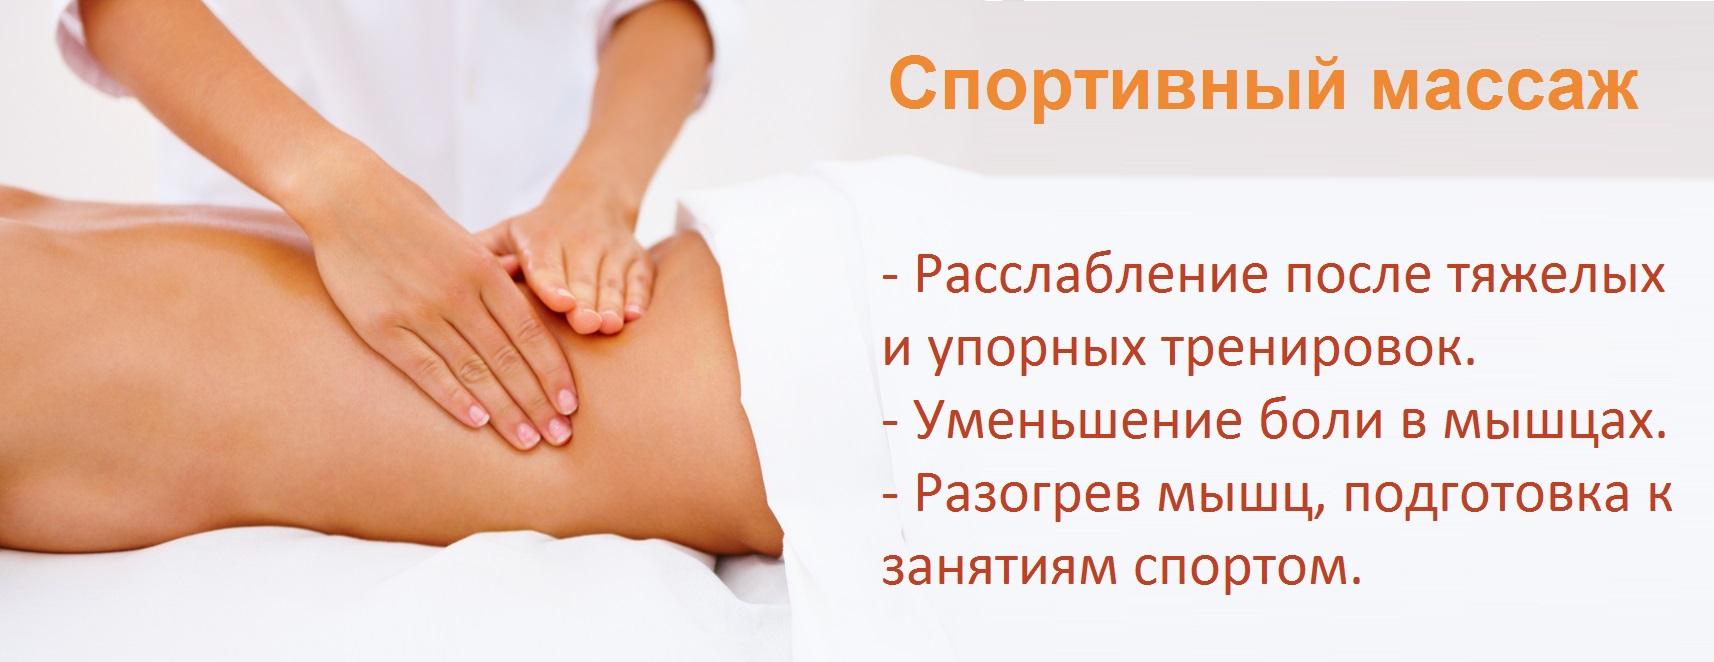 Цены на массаж тела в москве лазерная эпиляция по ул горького в херсоне